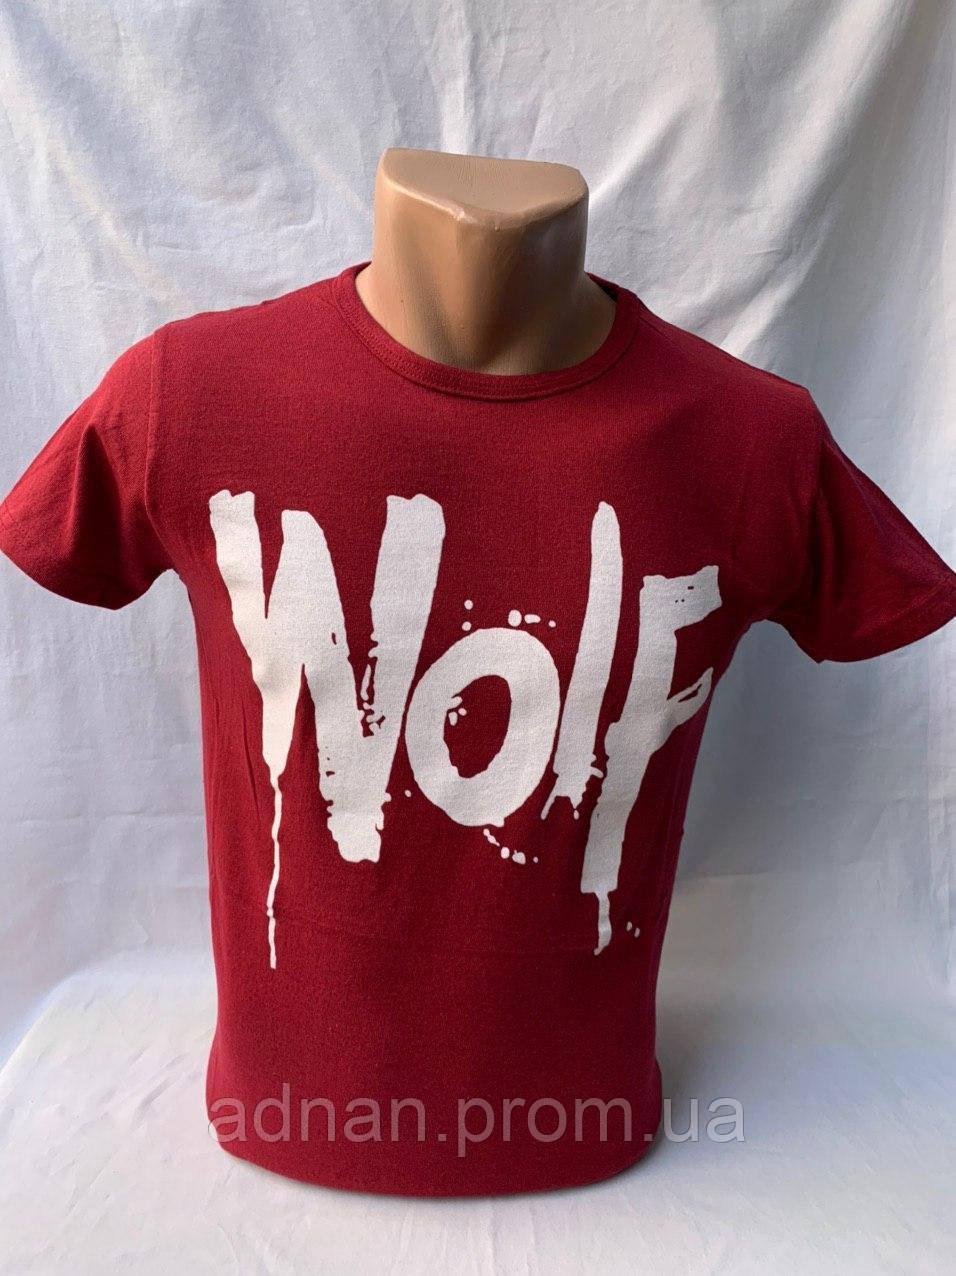 Футболка мужская фирмы KLAS 23 х/б WOLF 004 \ купить футболку мужскую оптом